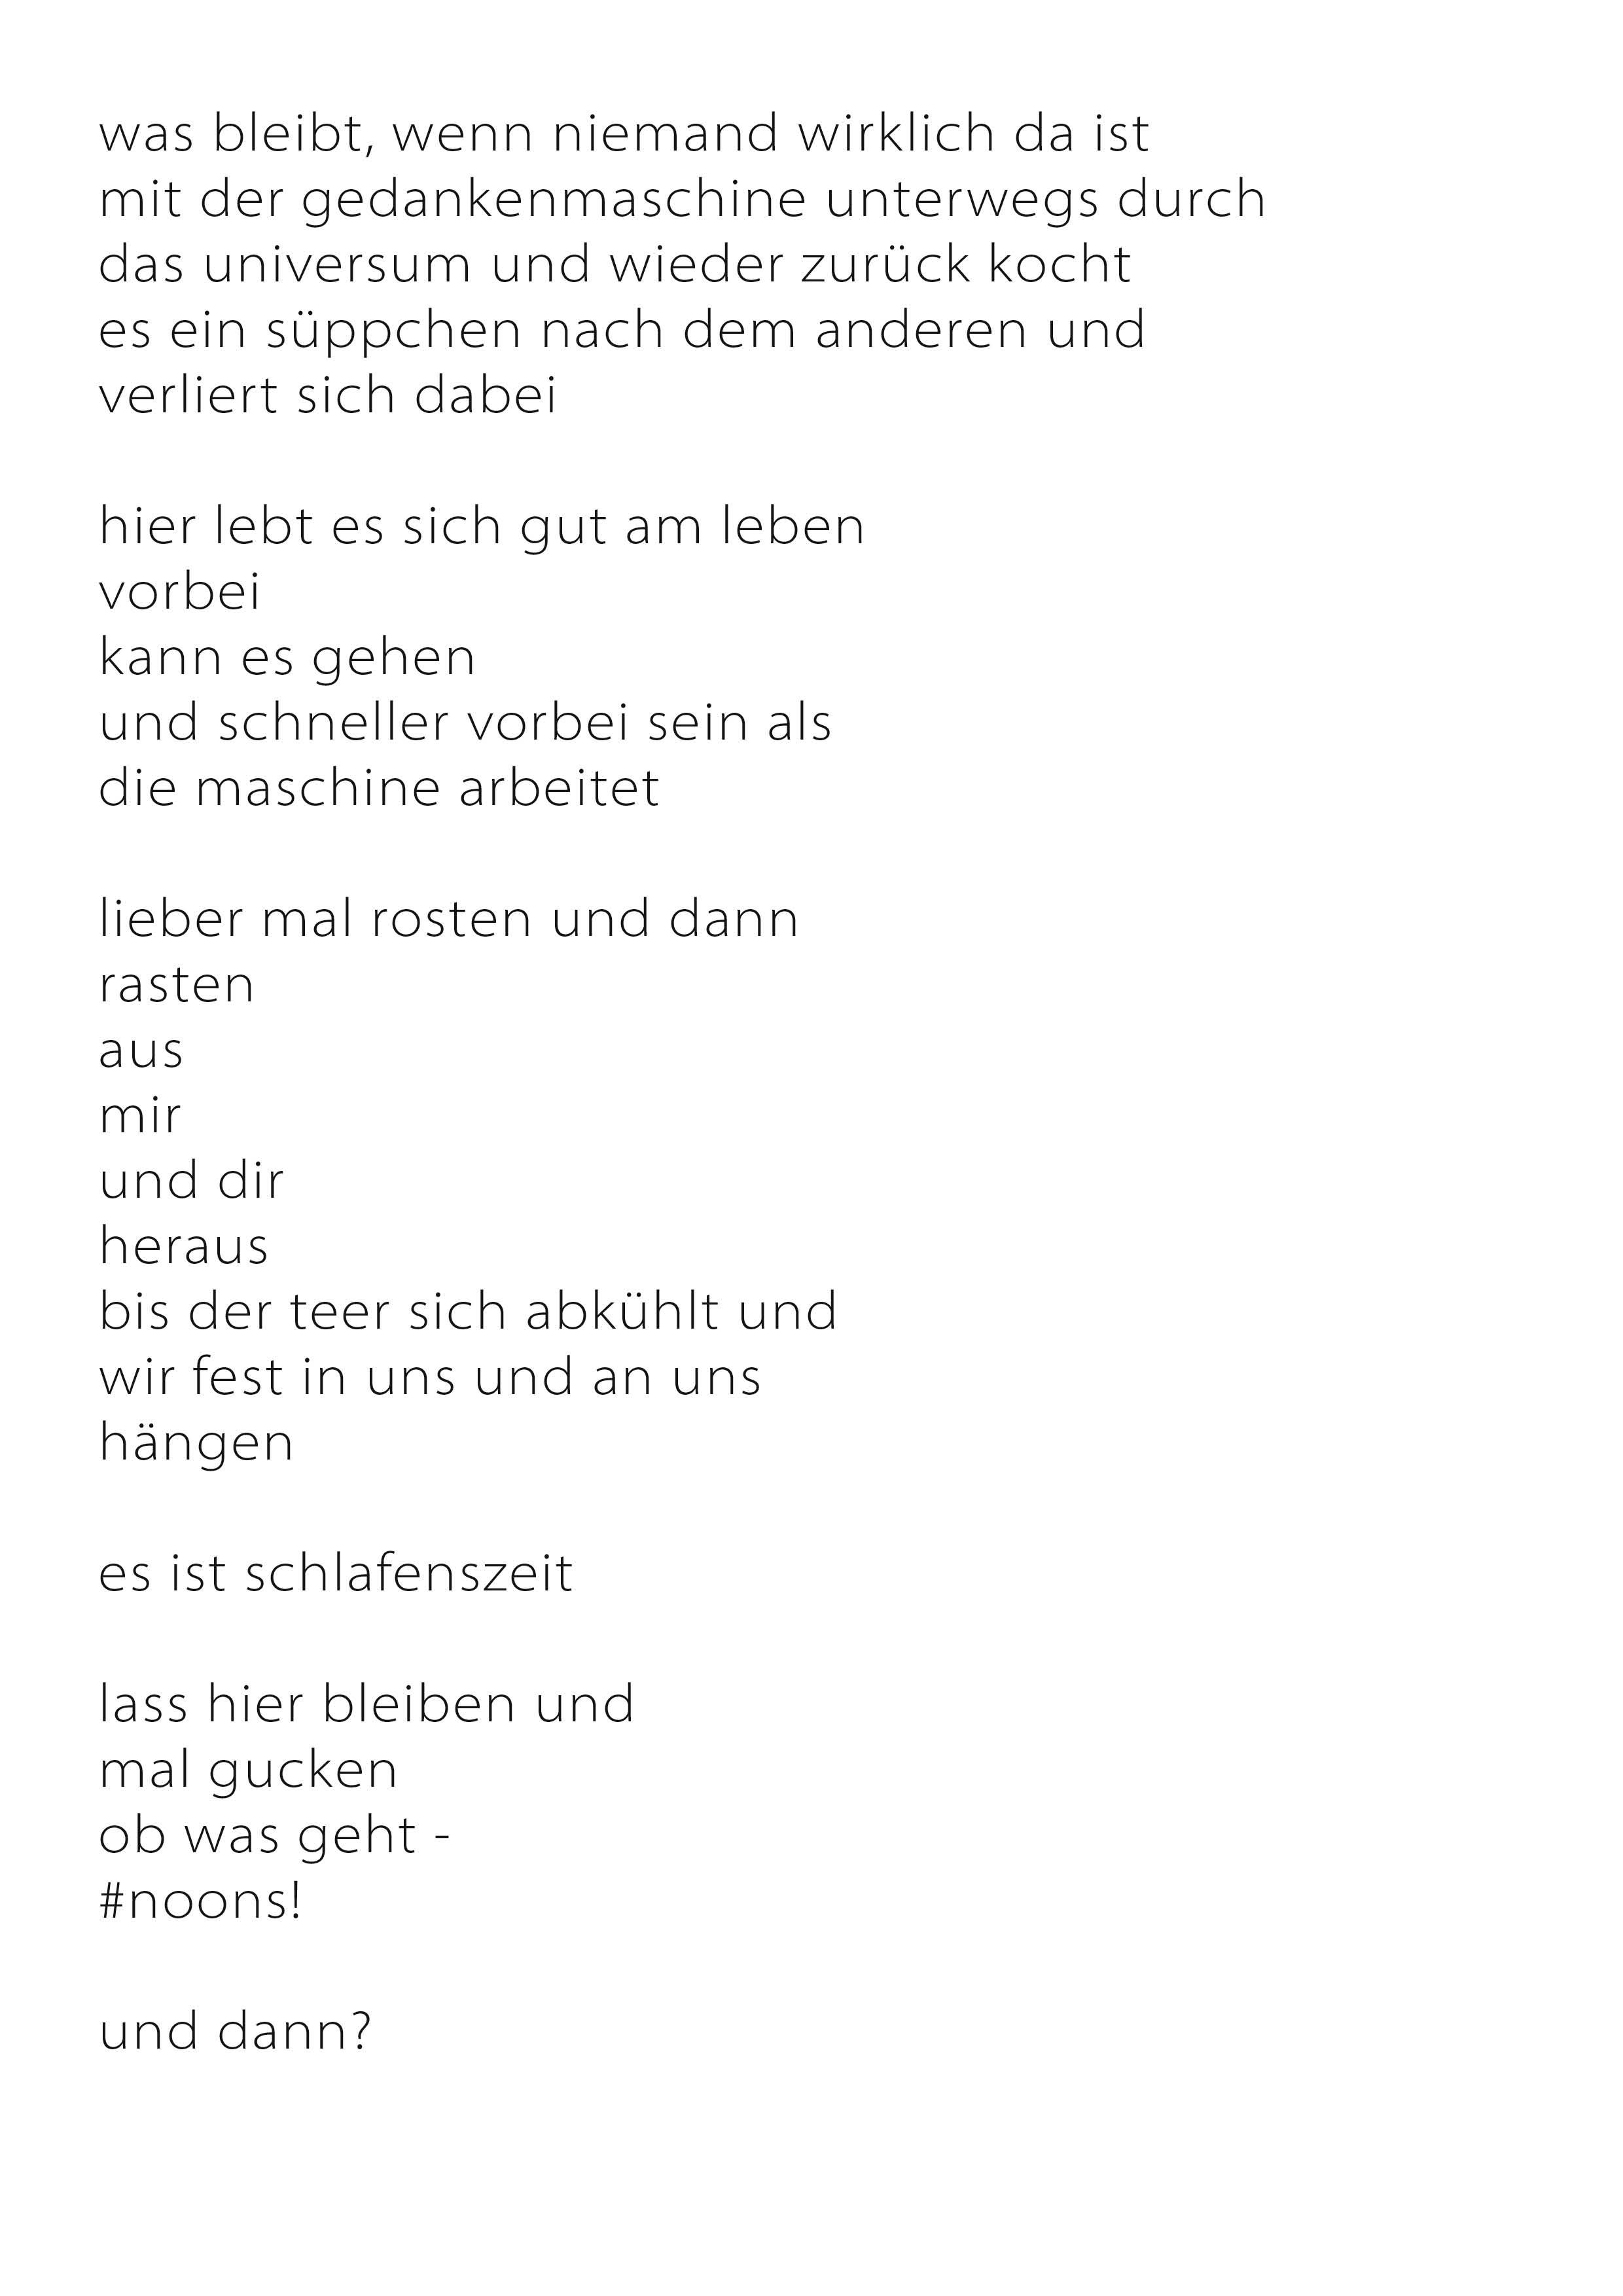 tinder-poet - Lernzimmer Berlin